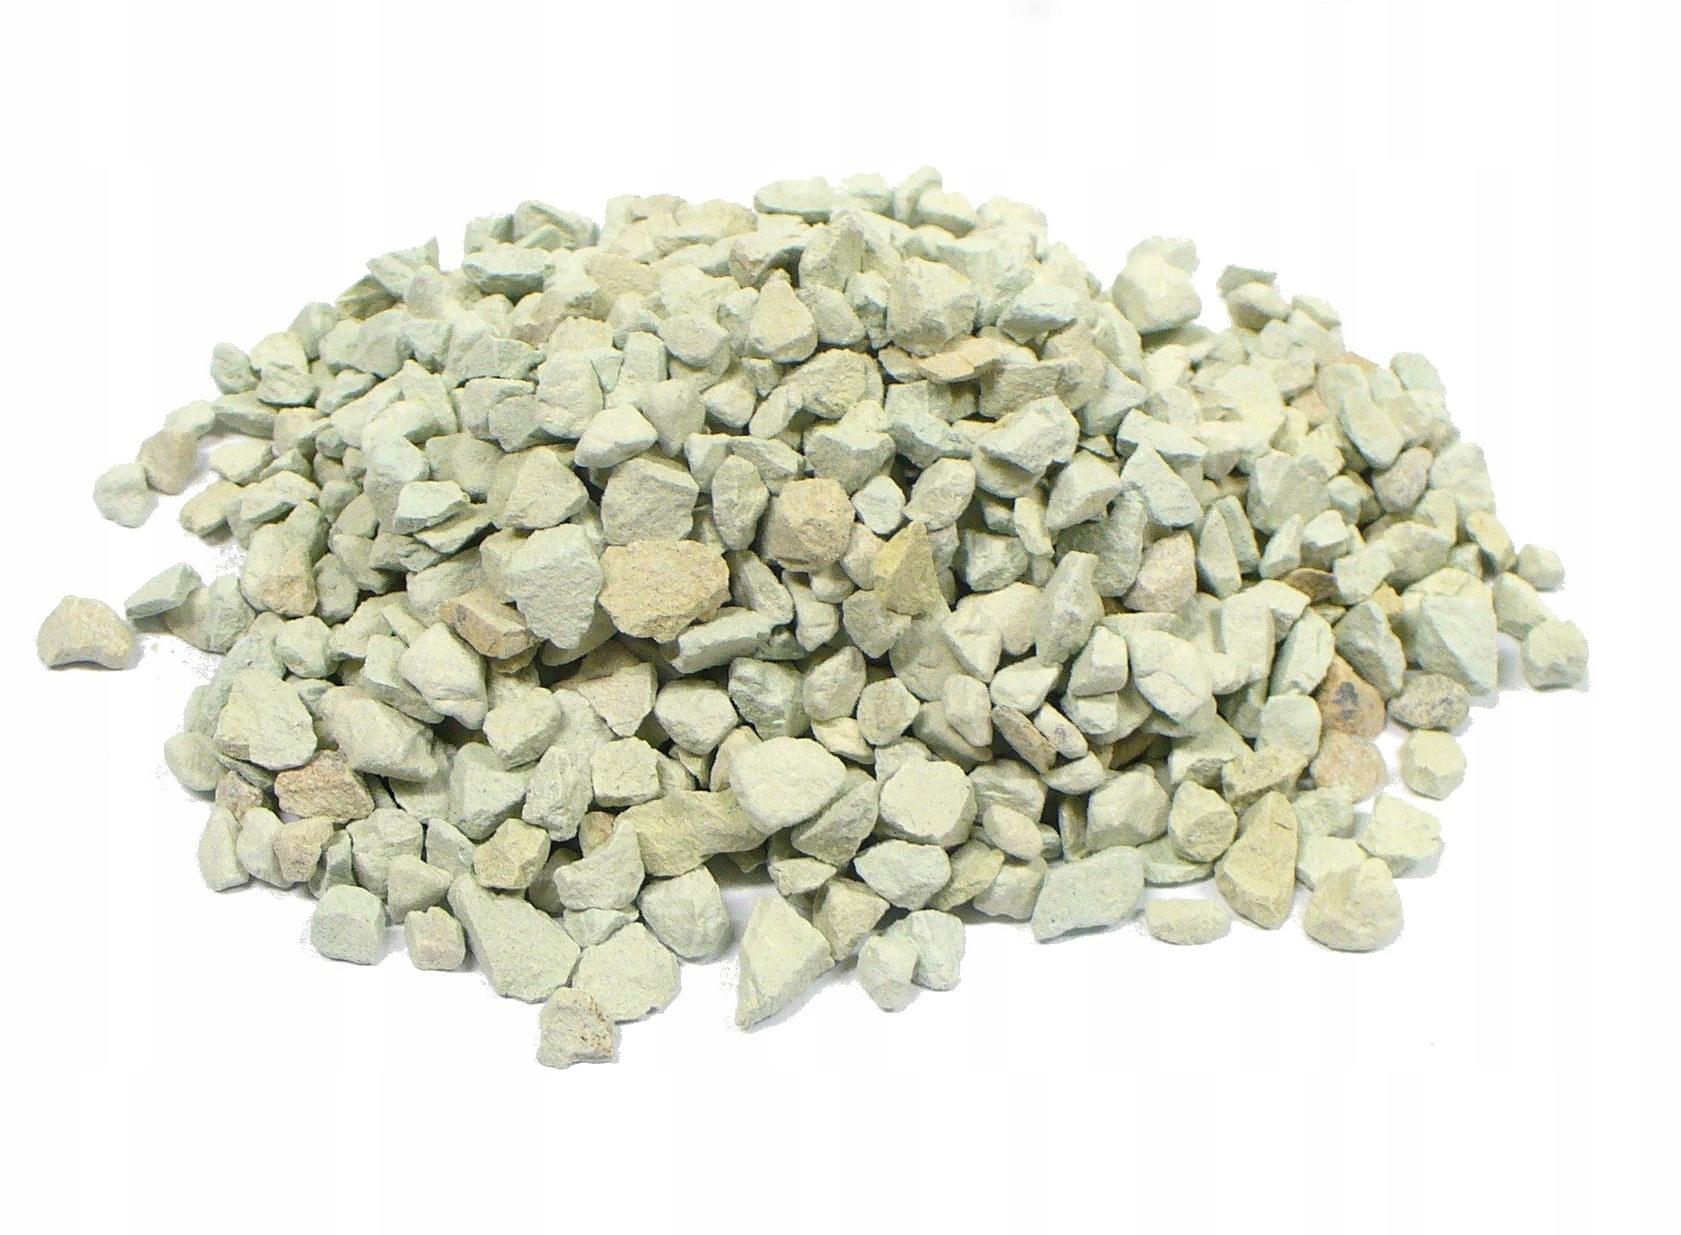 Цеолит природный, что это такое и для чего он нужен. применение минерала для очистки воды в аквариуме, туалета у кошек, грунта у растений и цветов